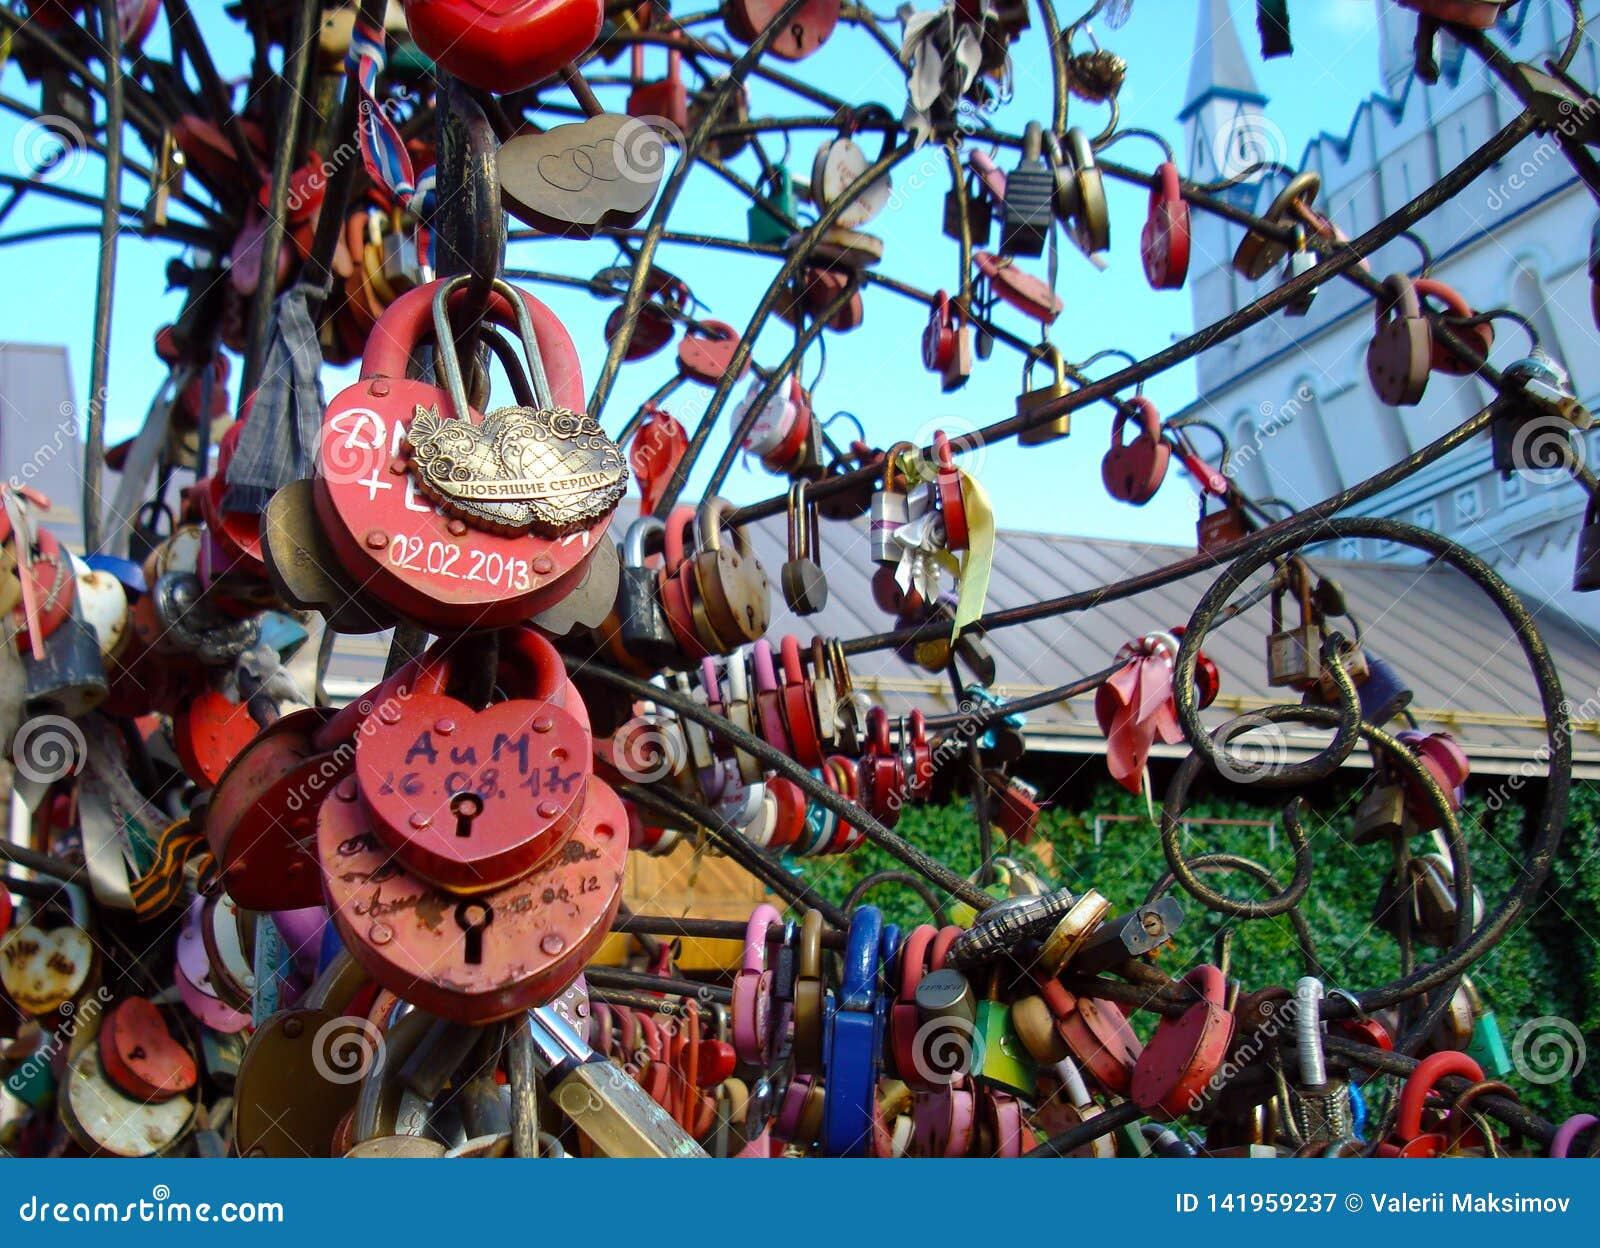 Lås av förälskelse och troheten på de gifta sig träden av lycka